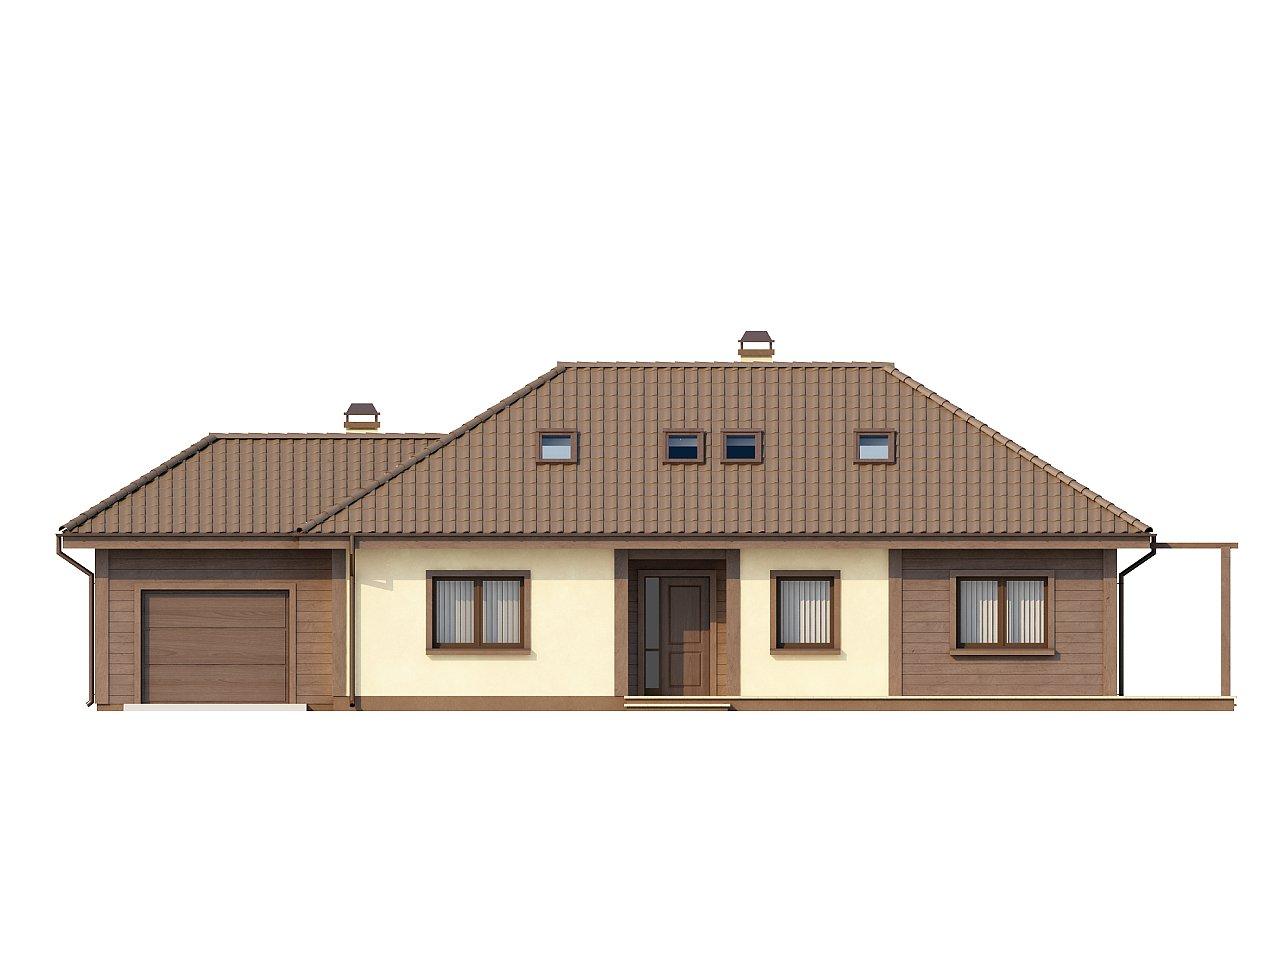 Просторный дом в традиционном стиле с двумя спальнями на мансарде. 3